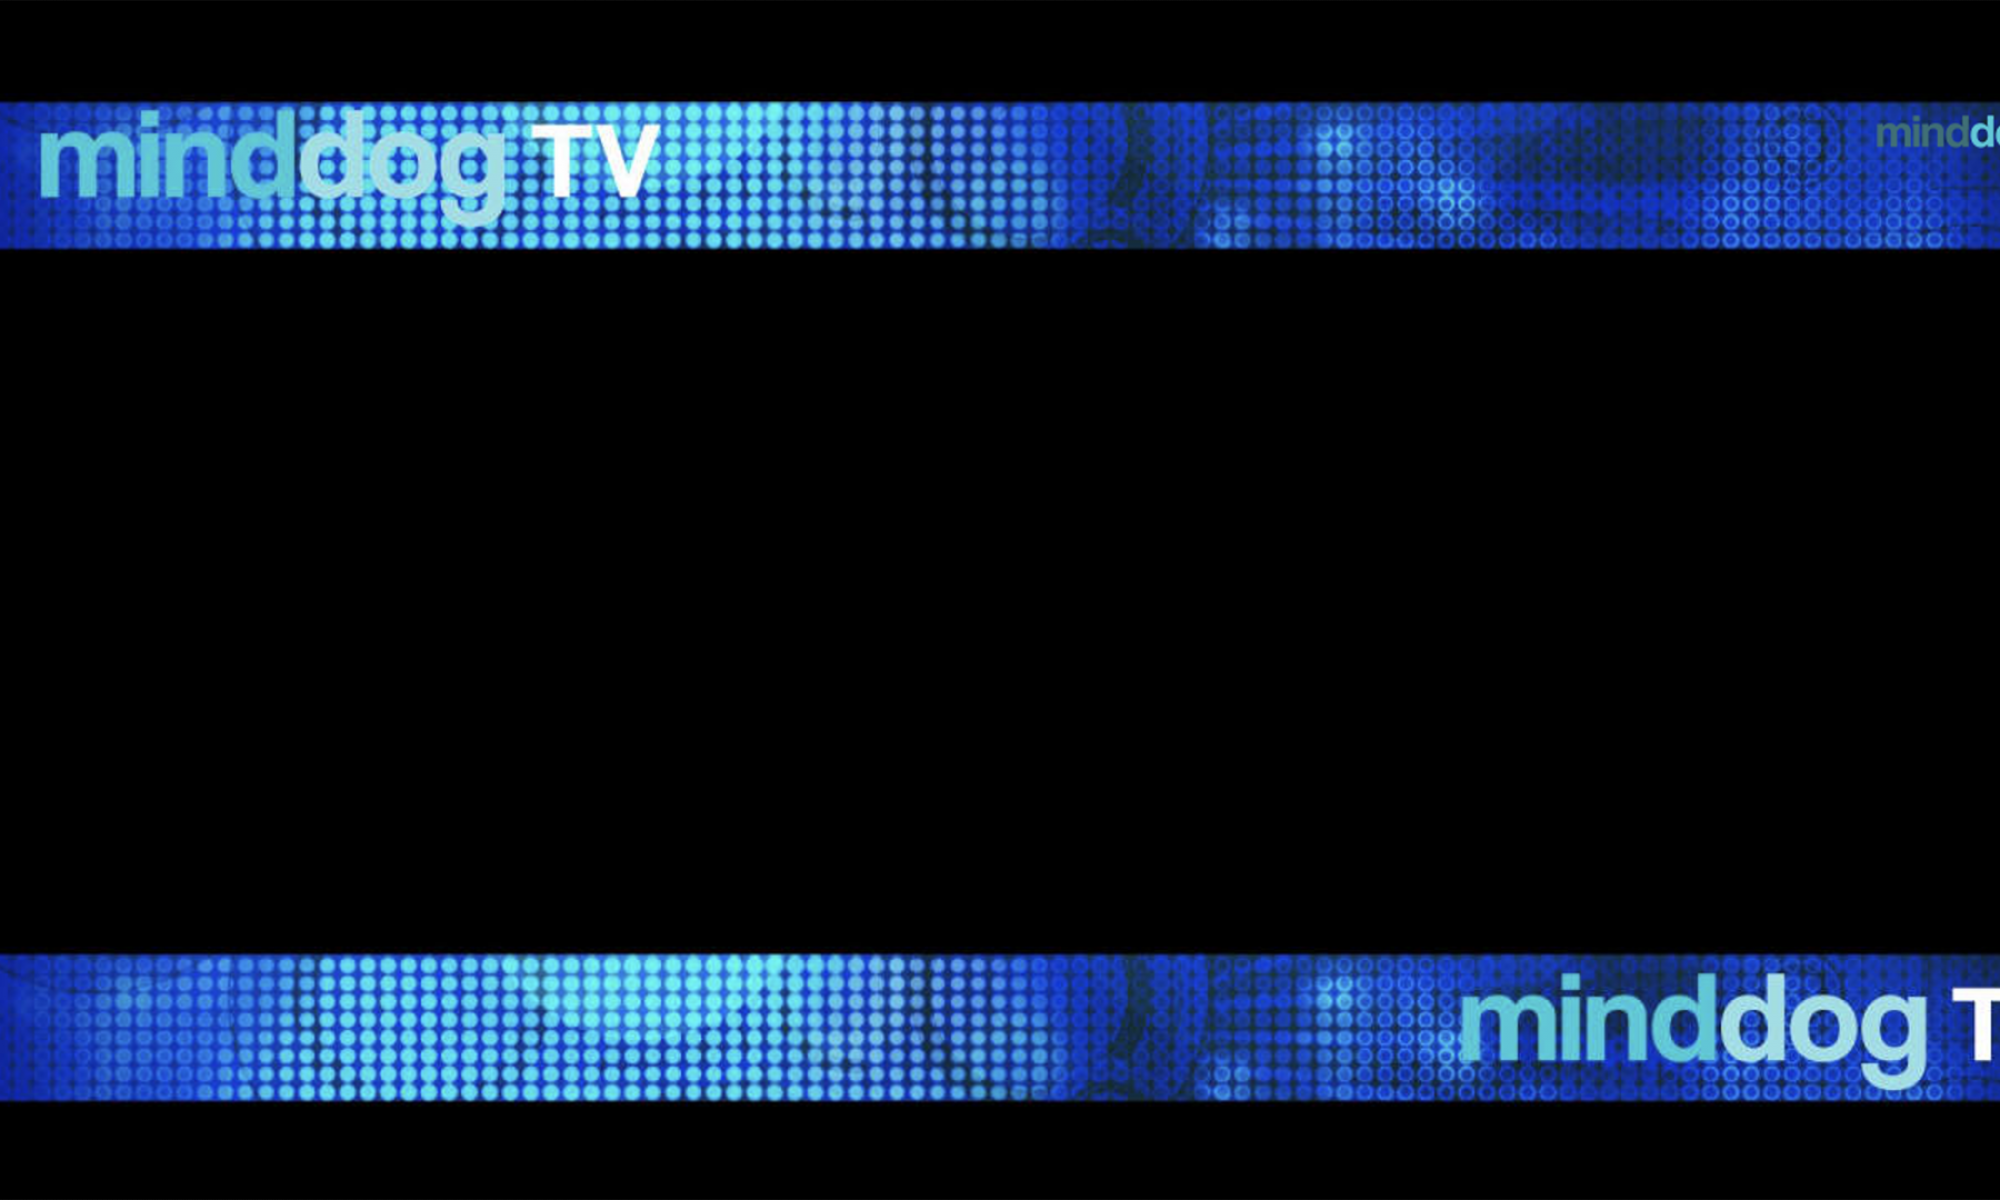 MinddogTV